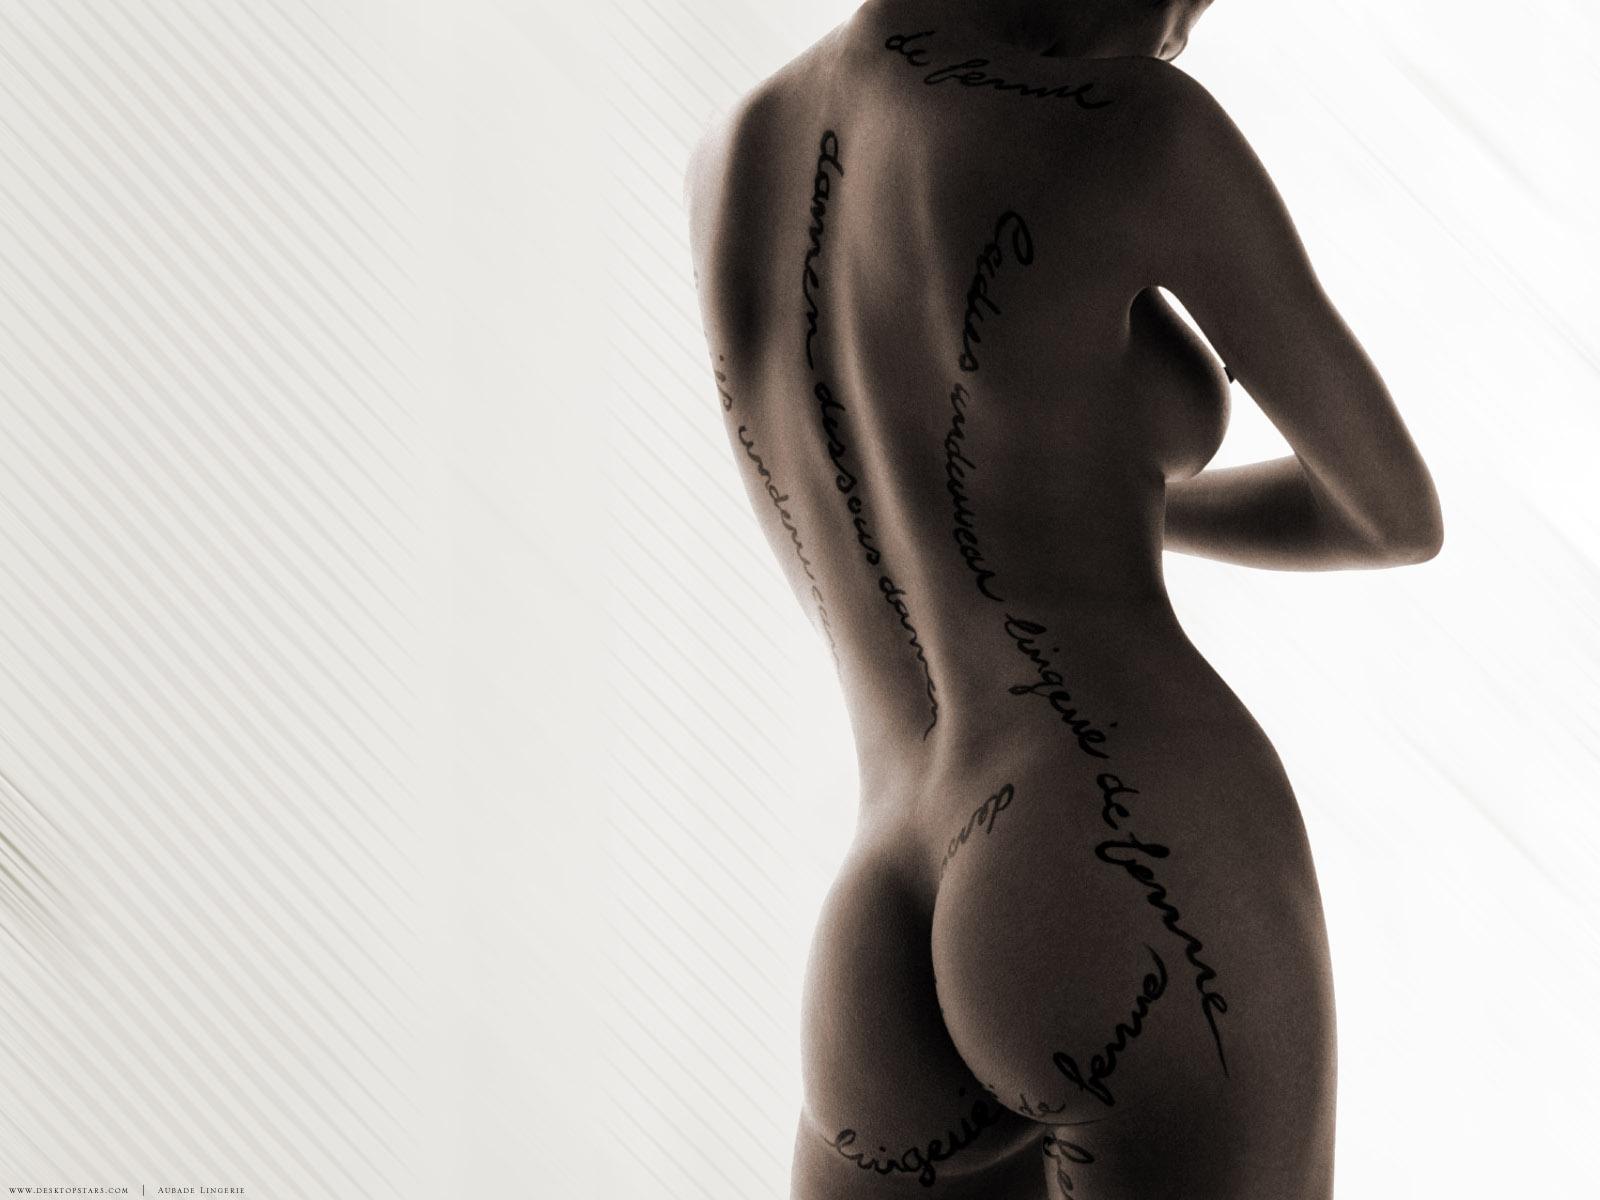 Фотографии голых девушек с надписями на теле, Голые с татуировками девушки - обнаженные фото с тату 6 фотография